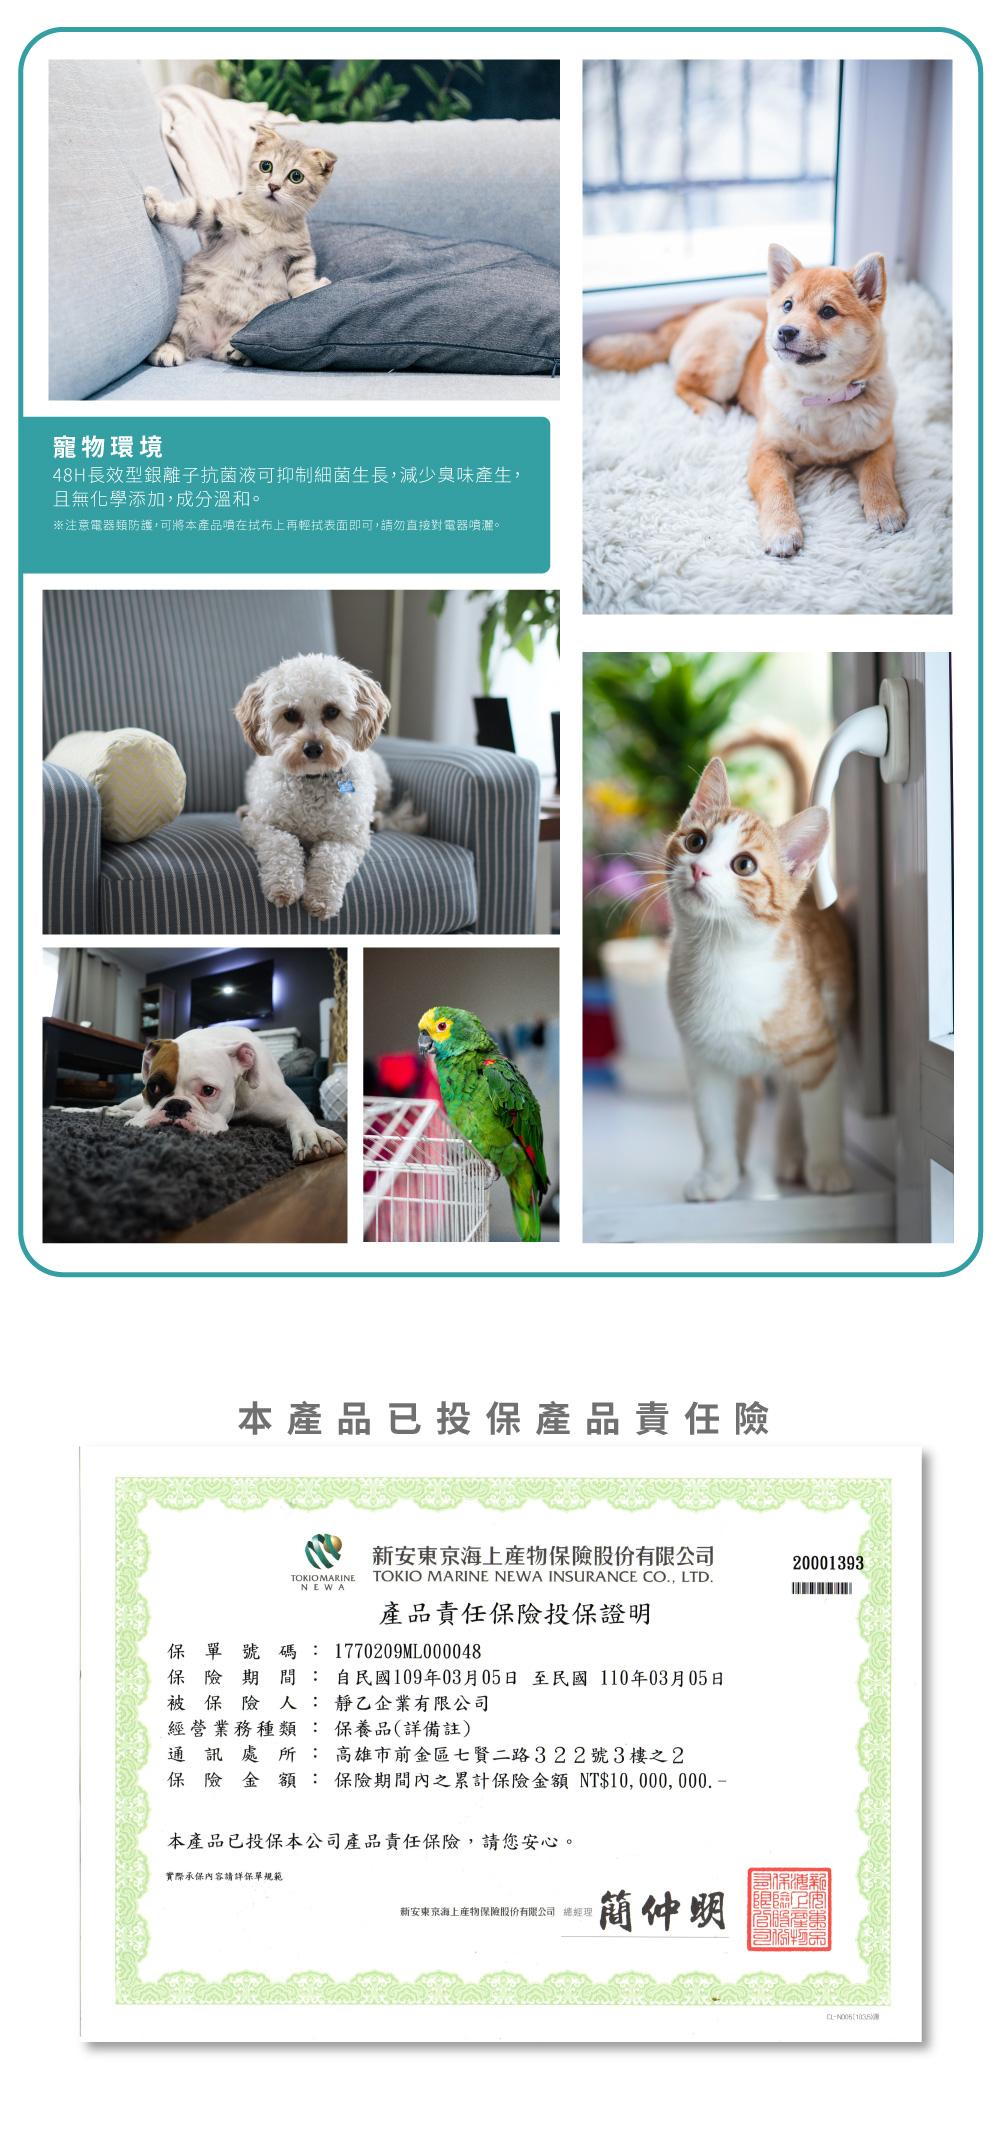 銀離子抗菌液可應用寵物環境用以除臭,貓在窗邊,貓在沙發上,狗在地毯上,鳥在鳥籠上,已投保產品責任險字號